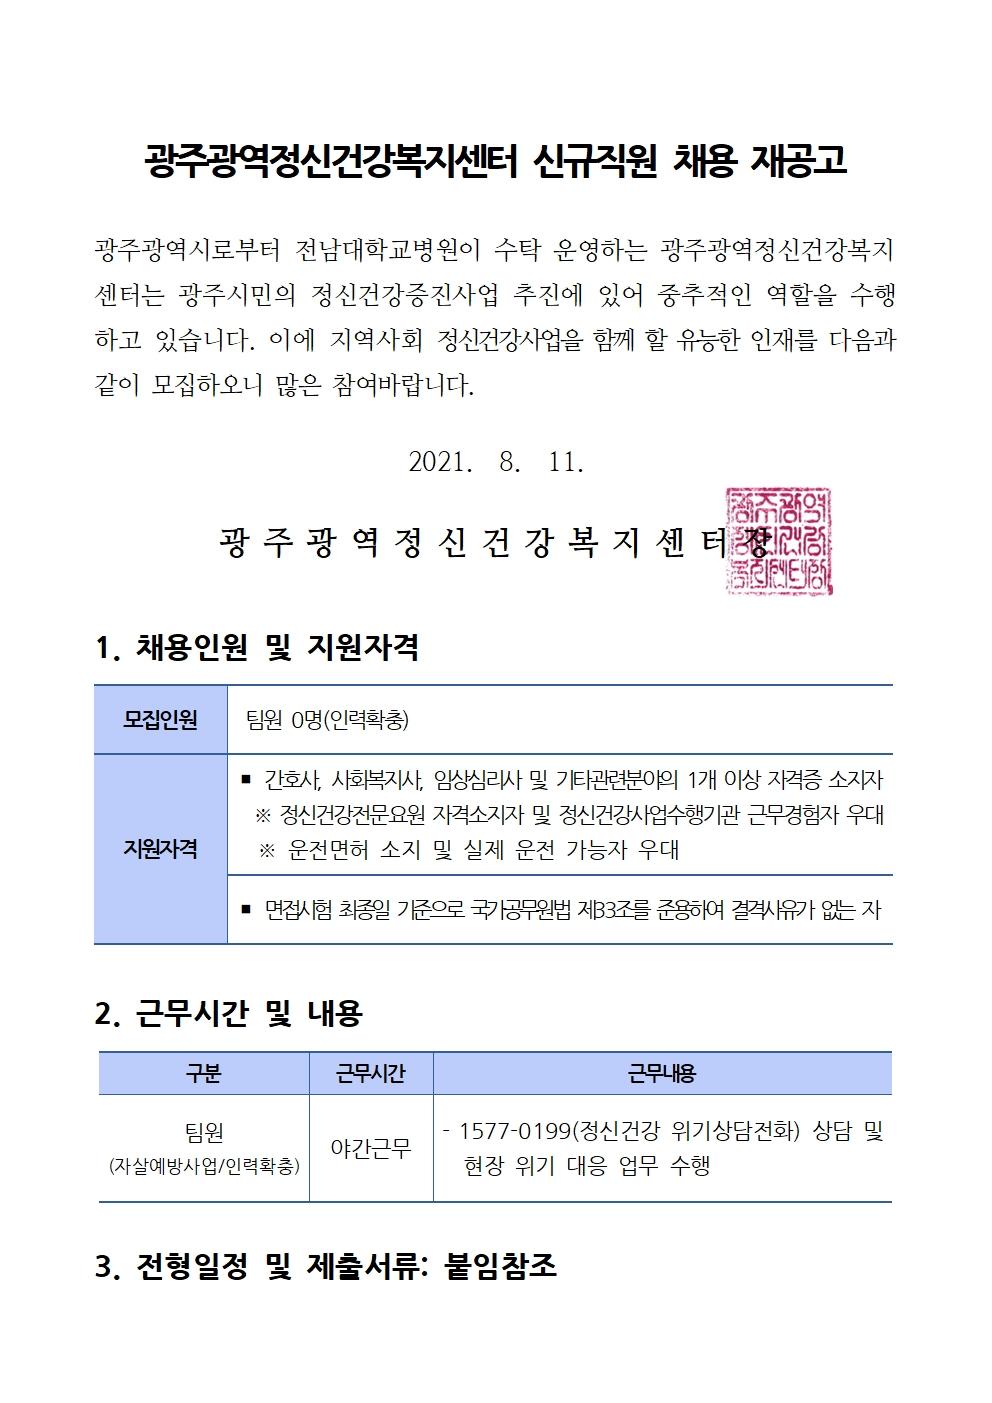 [공고용]광주광역정신건강복지센터 신규직원 채용 재공고.jpg